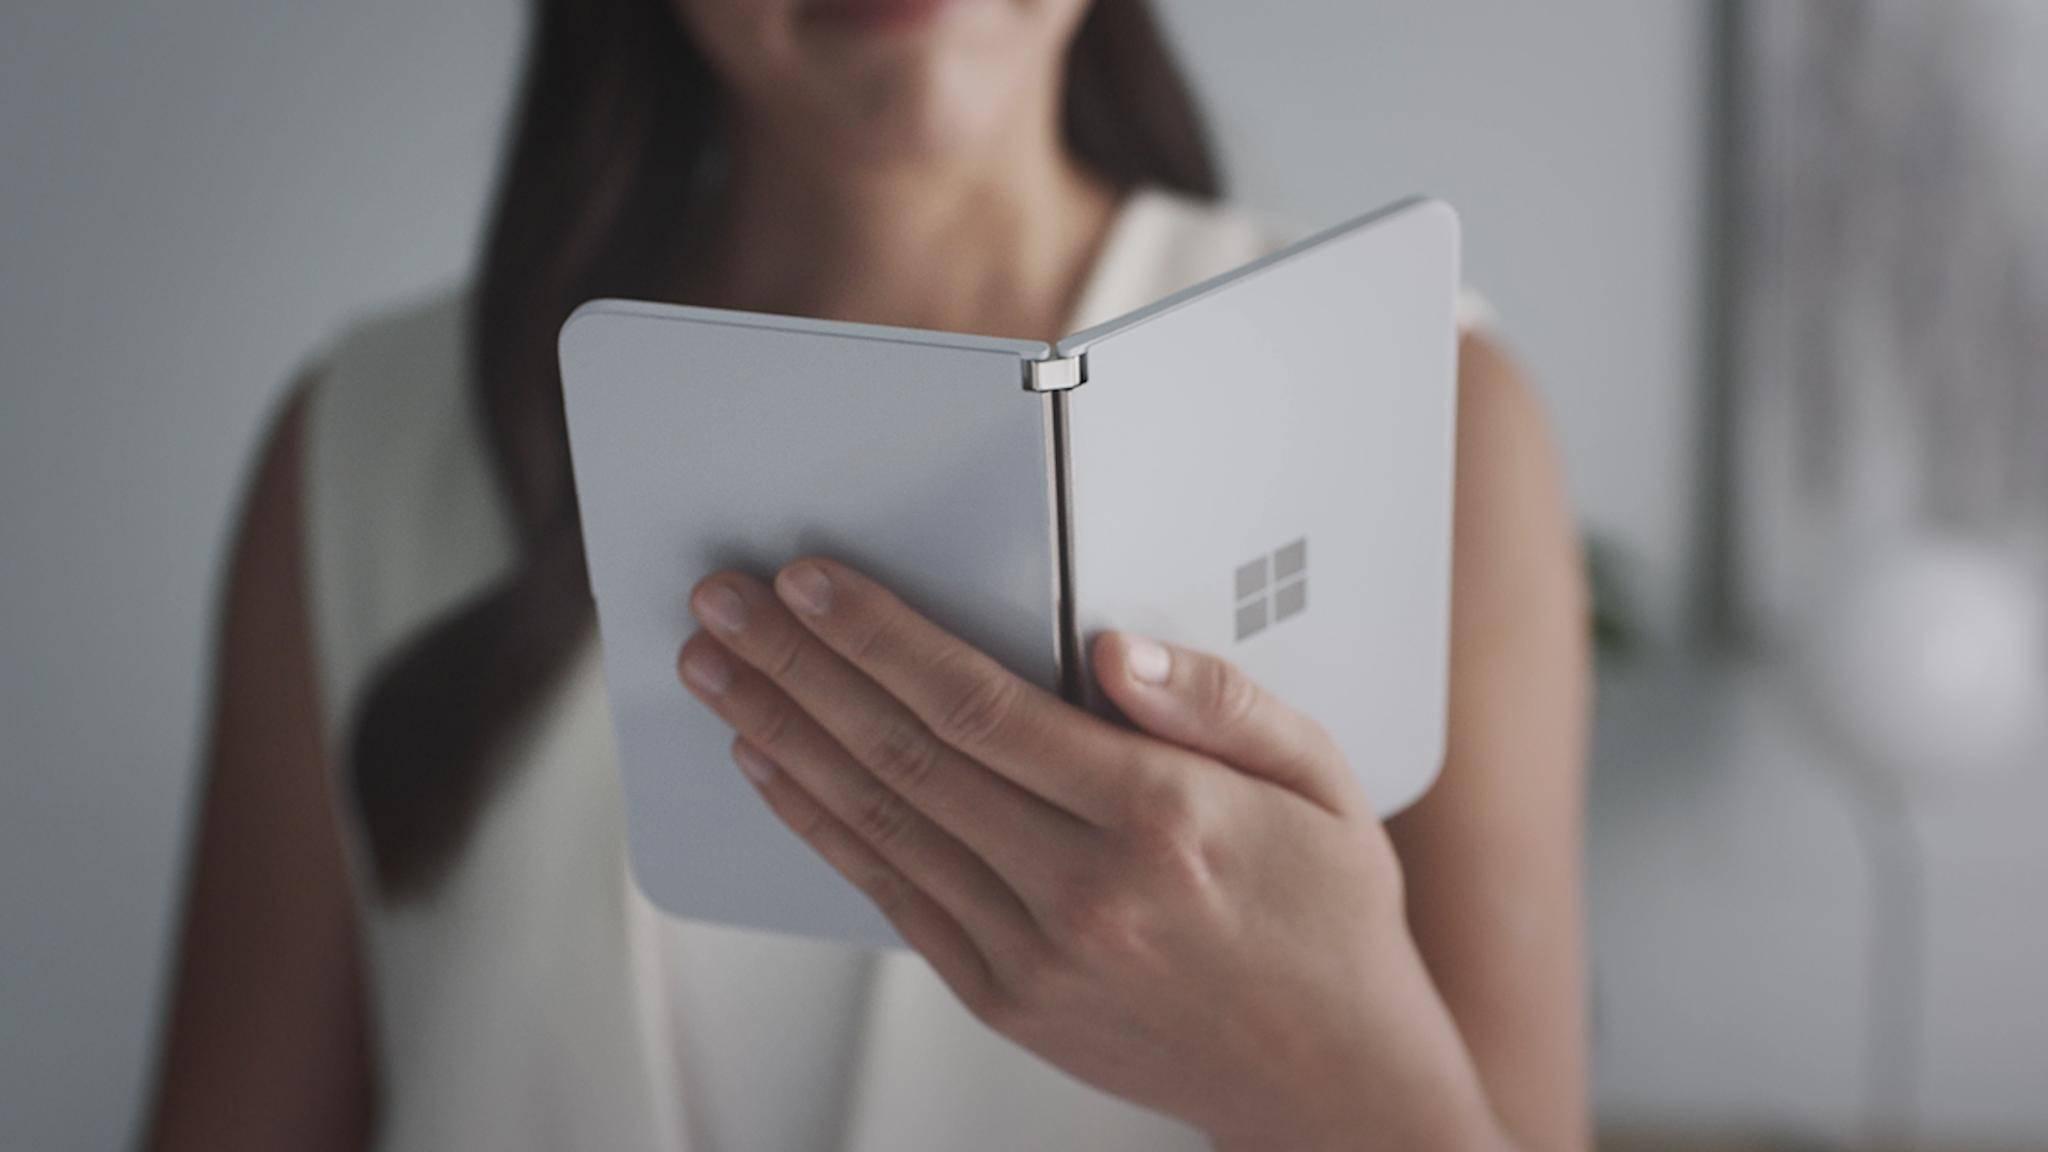 Das Surface Duo hat offenbar Marktreife erreicht.